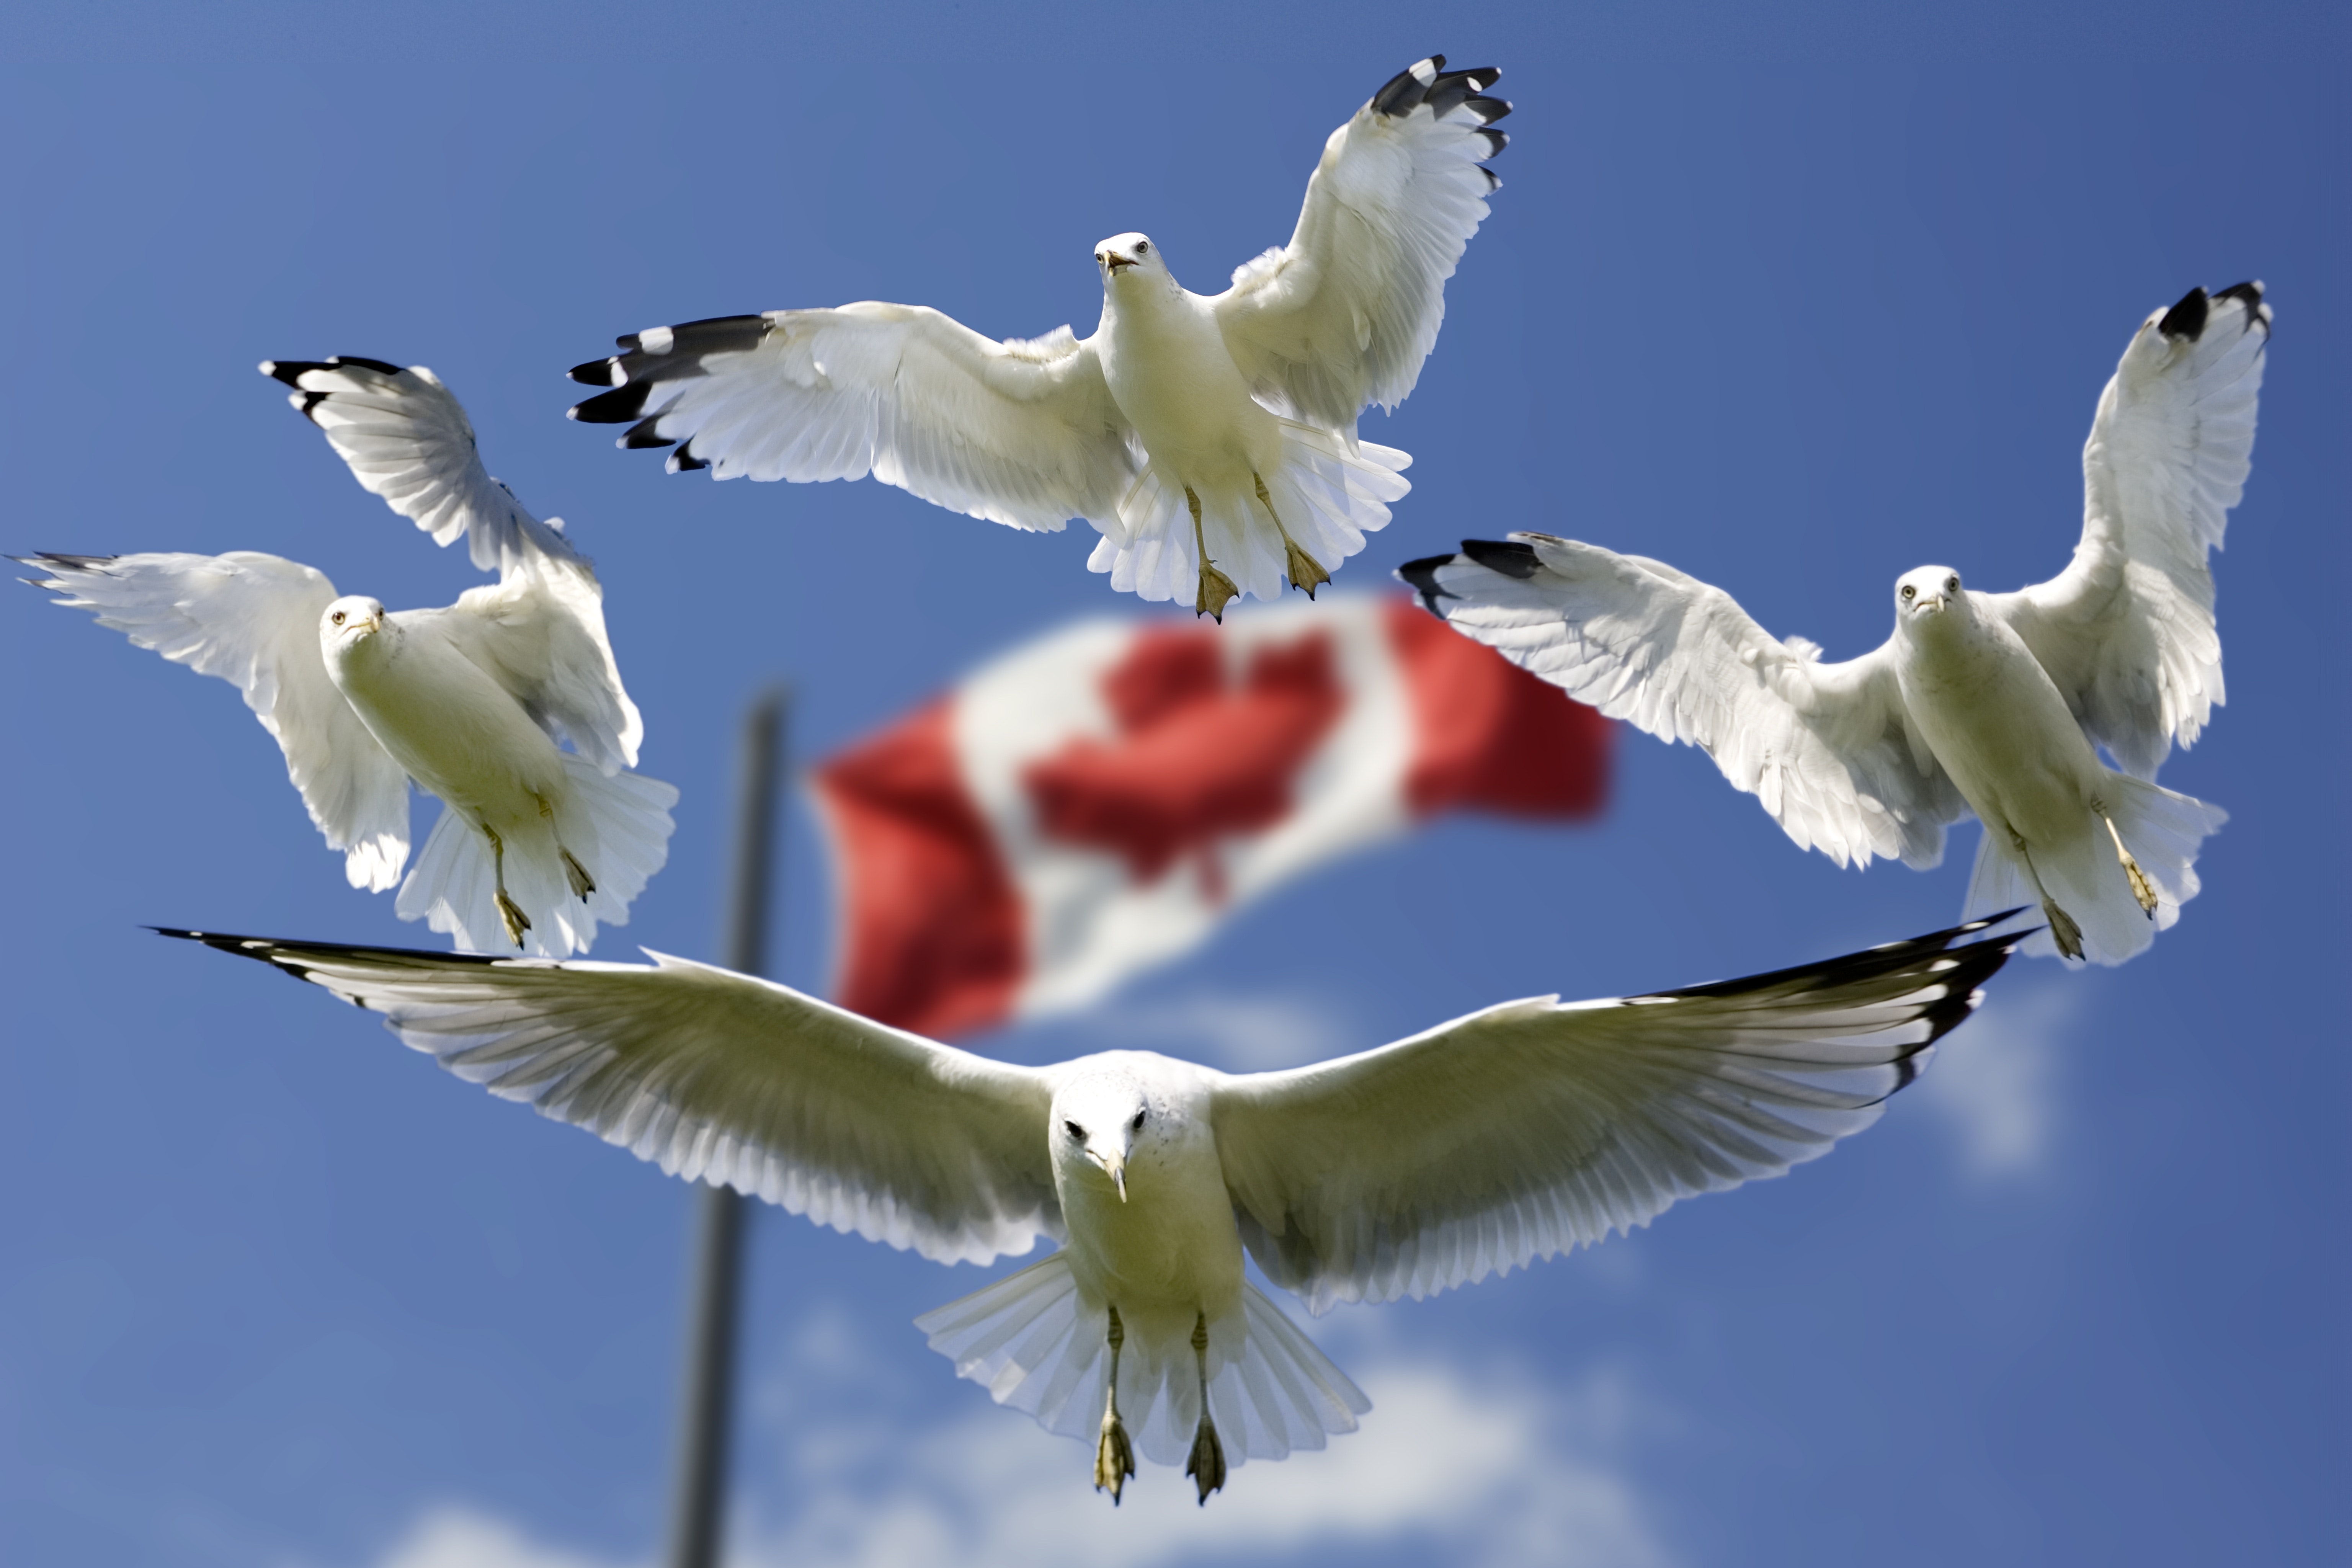 加拿大留学签证如何办理 办理时间多久?